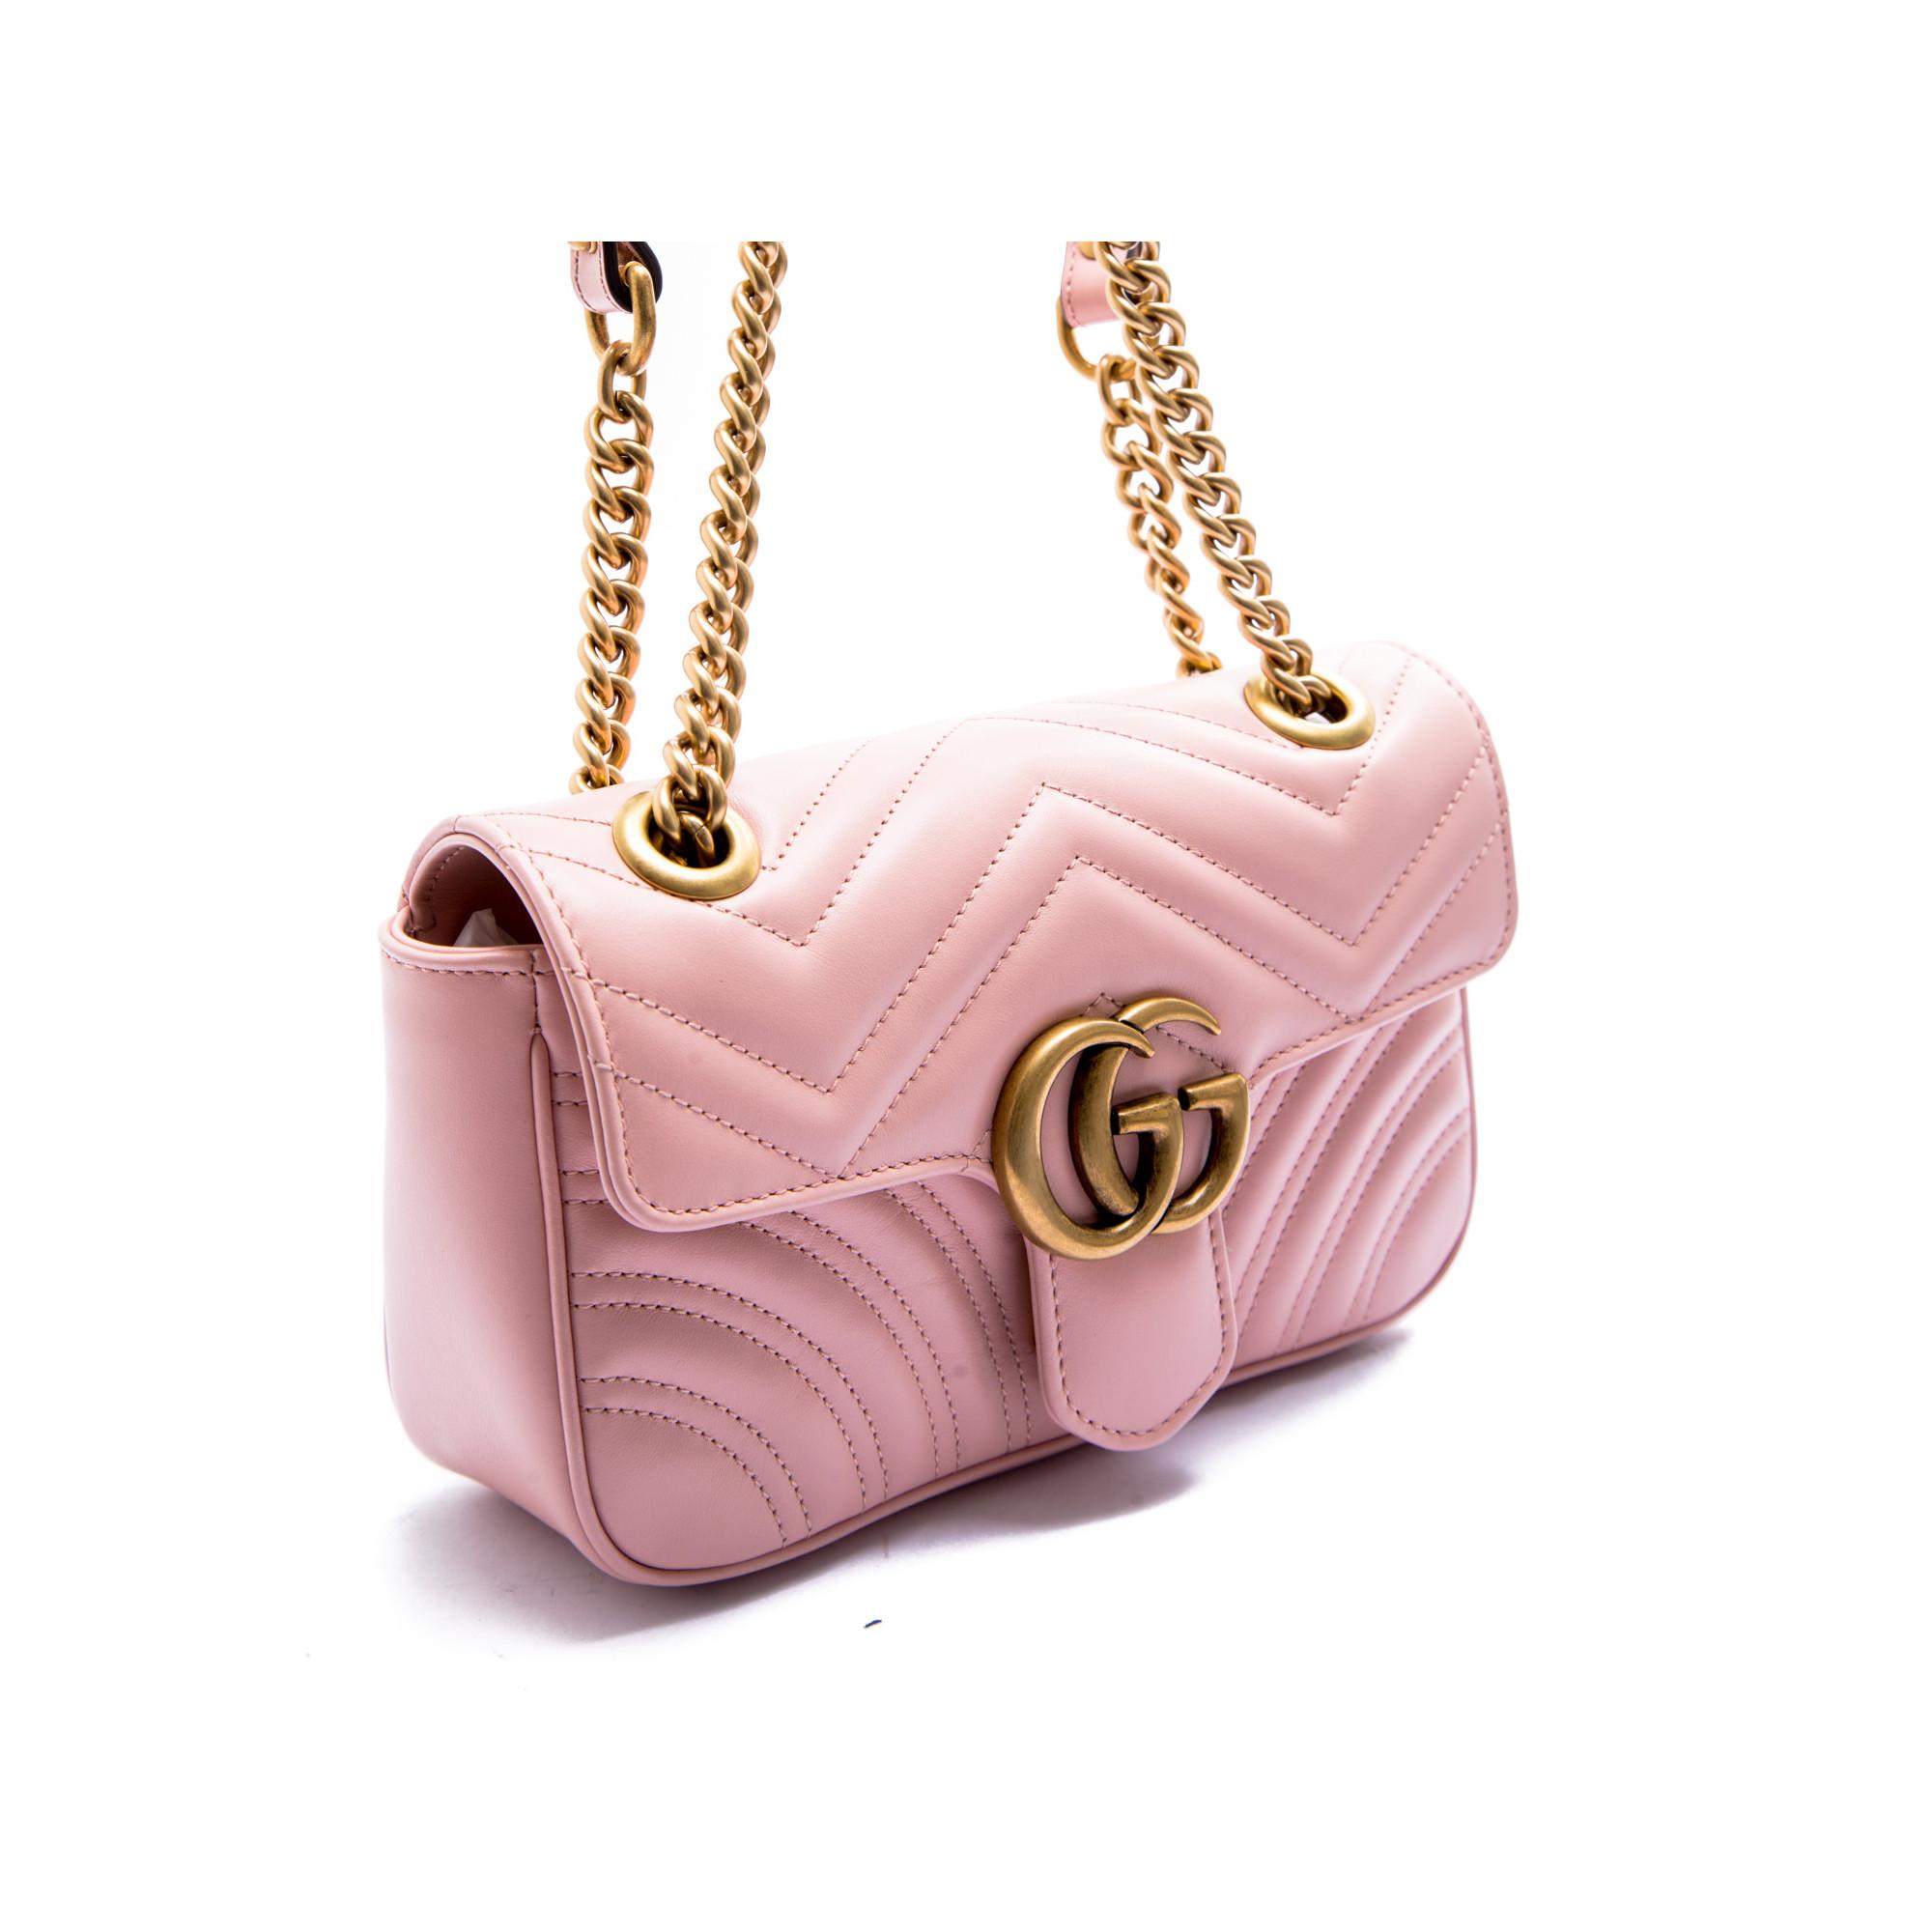 d8e0ffaa59d15b ... Gucci handbag gg marmont 2.0 pink Gucci handbag gg marmont 2.0 pink -  www.derodeloper